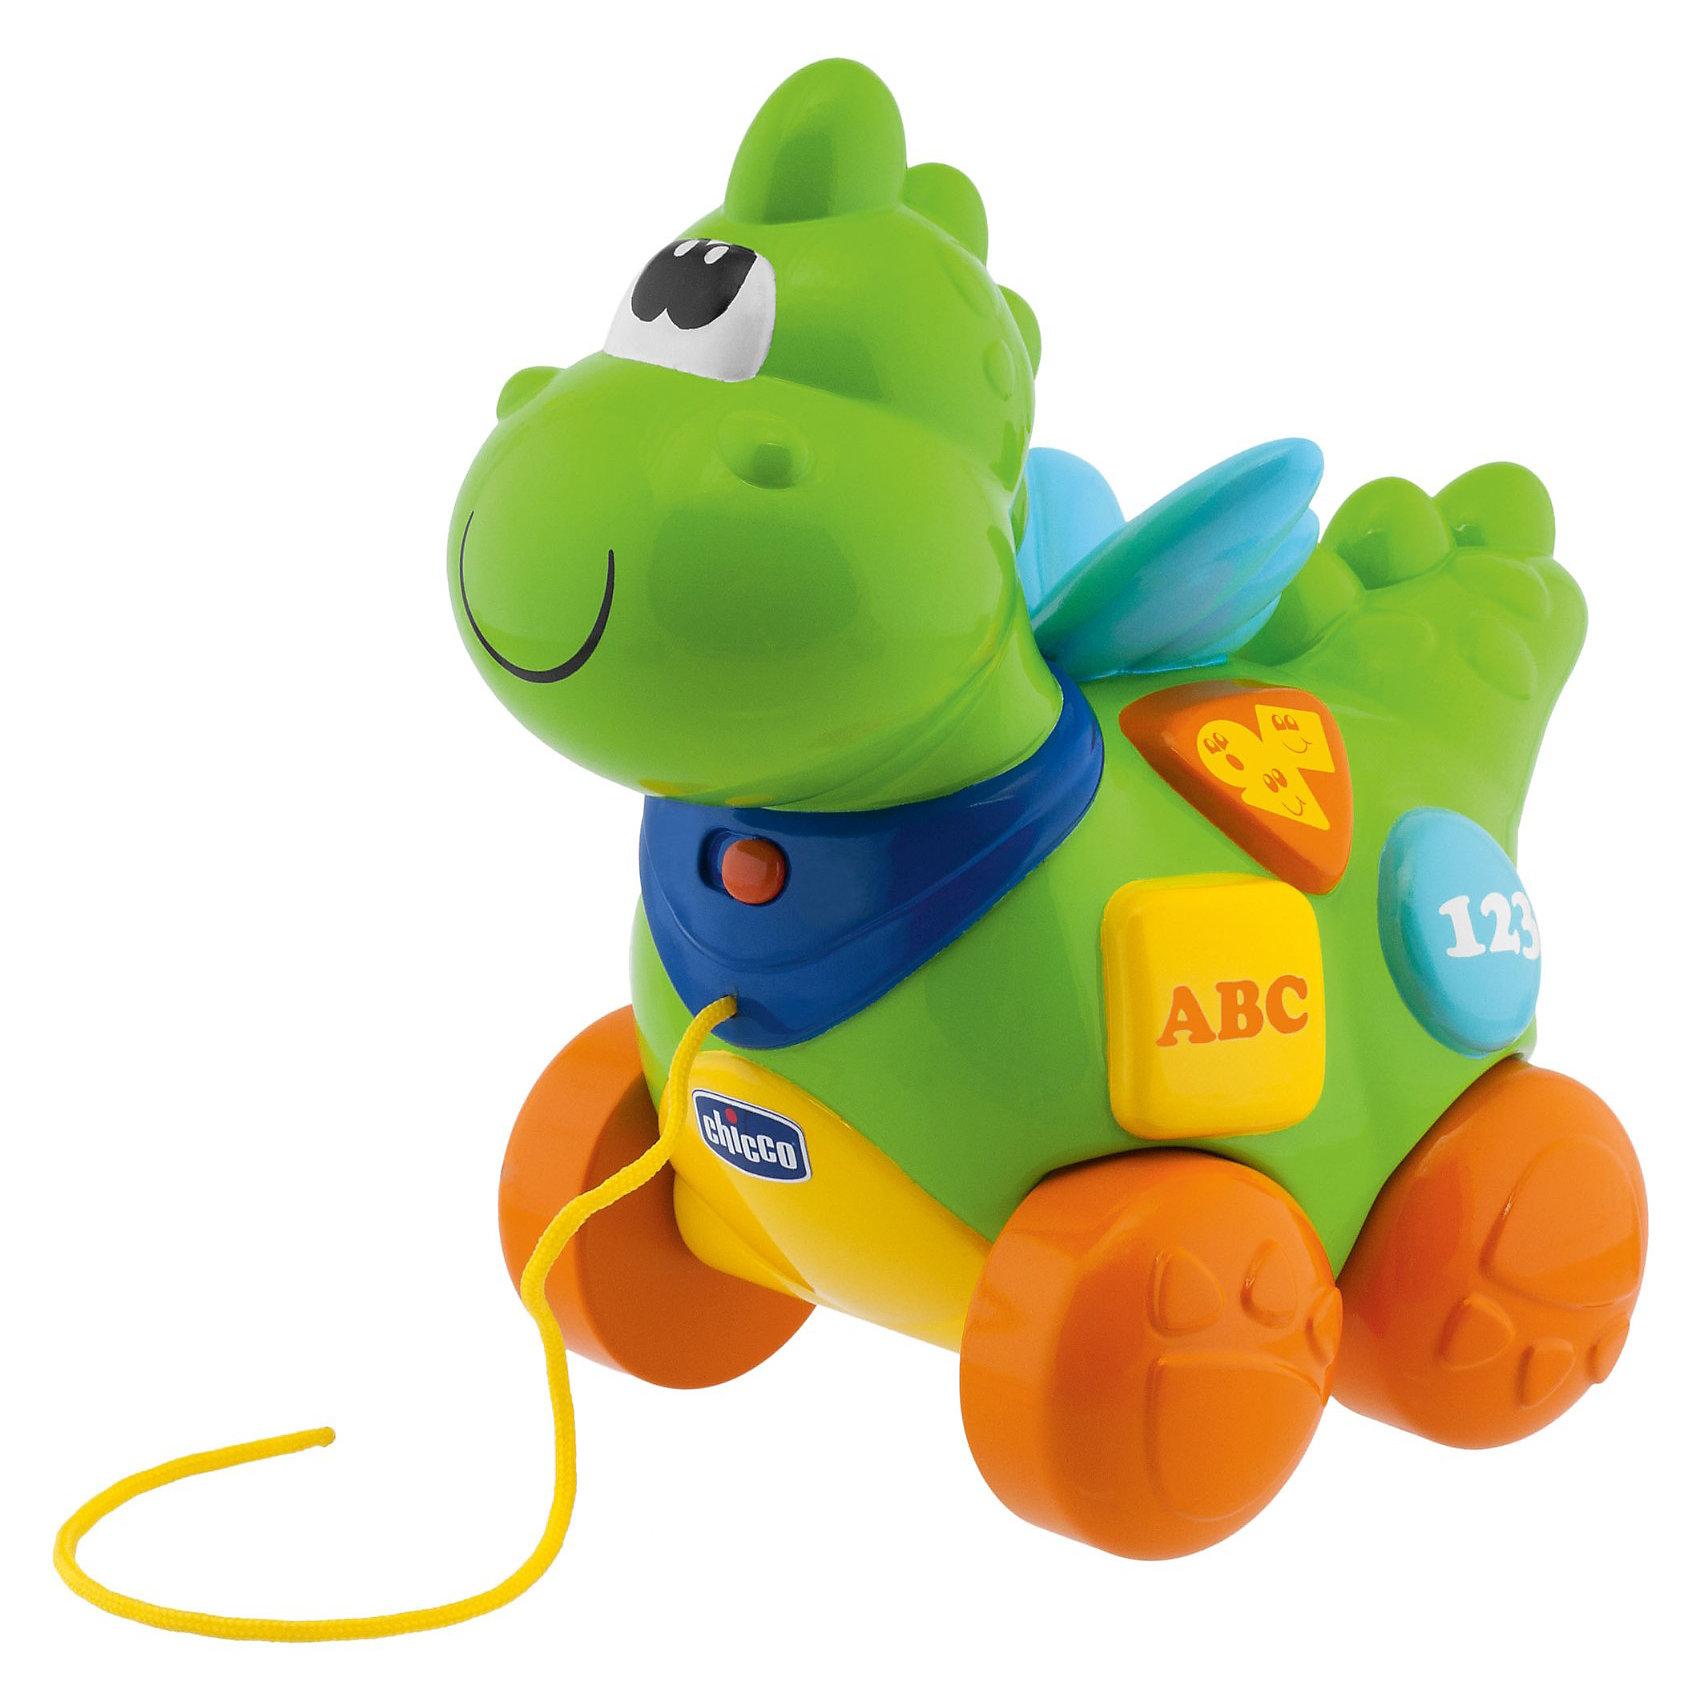 Говорящий дракон, ChiccoМягкие игрушки<br>Говорящий дракон, CHICCO - забавная развивающая игрушка-каталка, которая не оставит равнодушным ни одного маленького непоседу.<br><br>Этот симпатичный Дракон станет не только прекрасным компаньоном для малыша во время прогулки, но и поможет ребенку научиться первым несложным словам, названиям животных,  познакомить его с буквами и цифрами. А когда ребенок устанет, он сможет послушать веселые мелодии - их целых десять - либо отправиться с Дракончиком на прогулку (игрушка будет покачивать головой в такт шагов малыша)!<br>Обучение может проводиться как на русском, так и на английском языке. <br><br>Игрушка способствует развитию мелкой моторики, звукового и светового восприятия, речи. <br><br>Дополнительная информация:<br><br>- Материал: пластик. <br>- Питание: батарейки типа «АА» 1,5 V (не входят в комплект).<br><br>Игрушку Говорящий дракон, CHICCO можно купить в нашем интернет-магазине.<br><br>Ширина мм: 602<br>Глубина мм: 397<br>Высота мм: 236<br>Вес г: 961<br>Возраст от месяцев: 9<br>Возраст до месяцев: 36<br>Пол: Унисекс<br>Возраст: Детский<br>SKU: 3371908